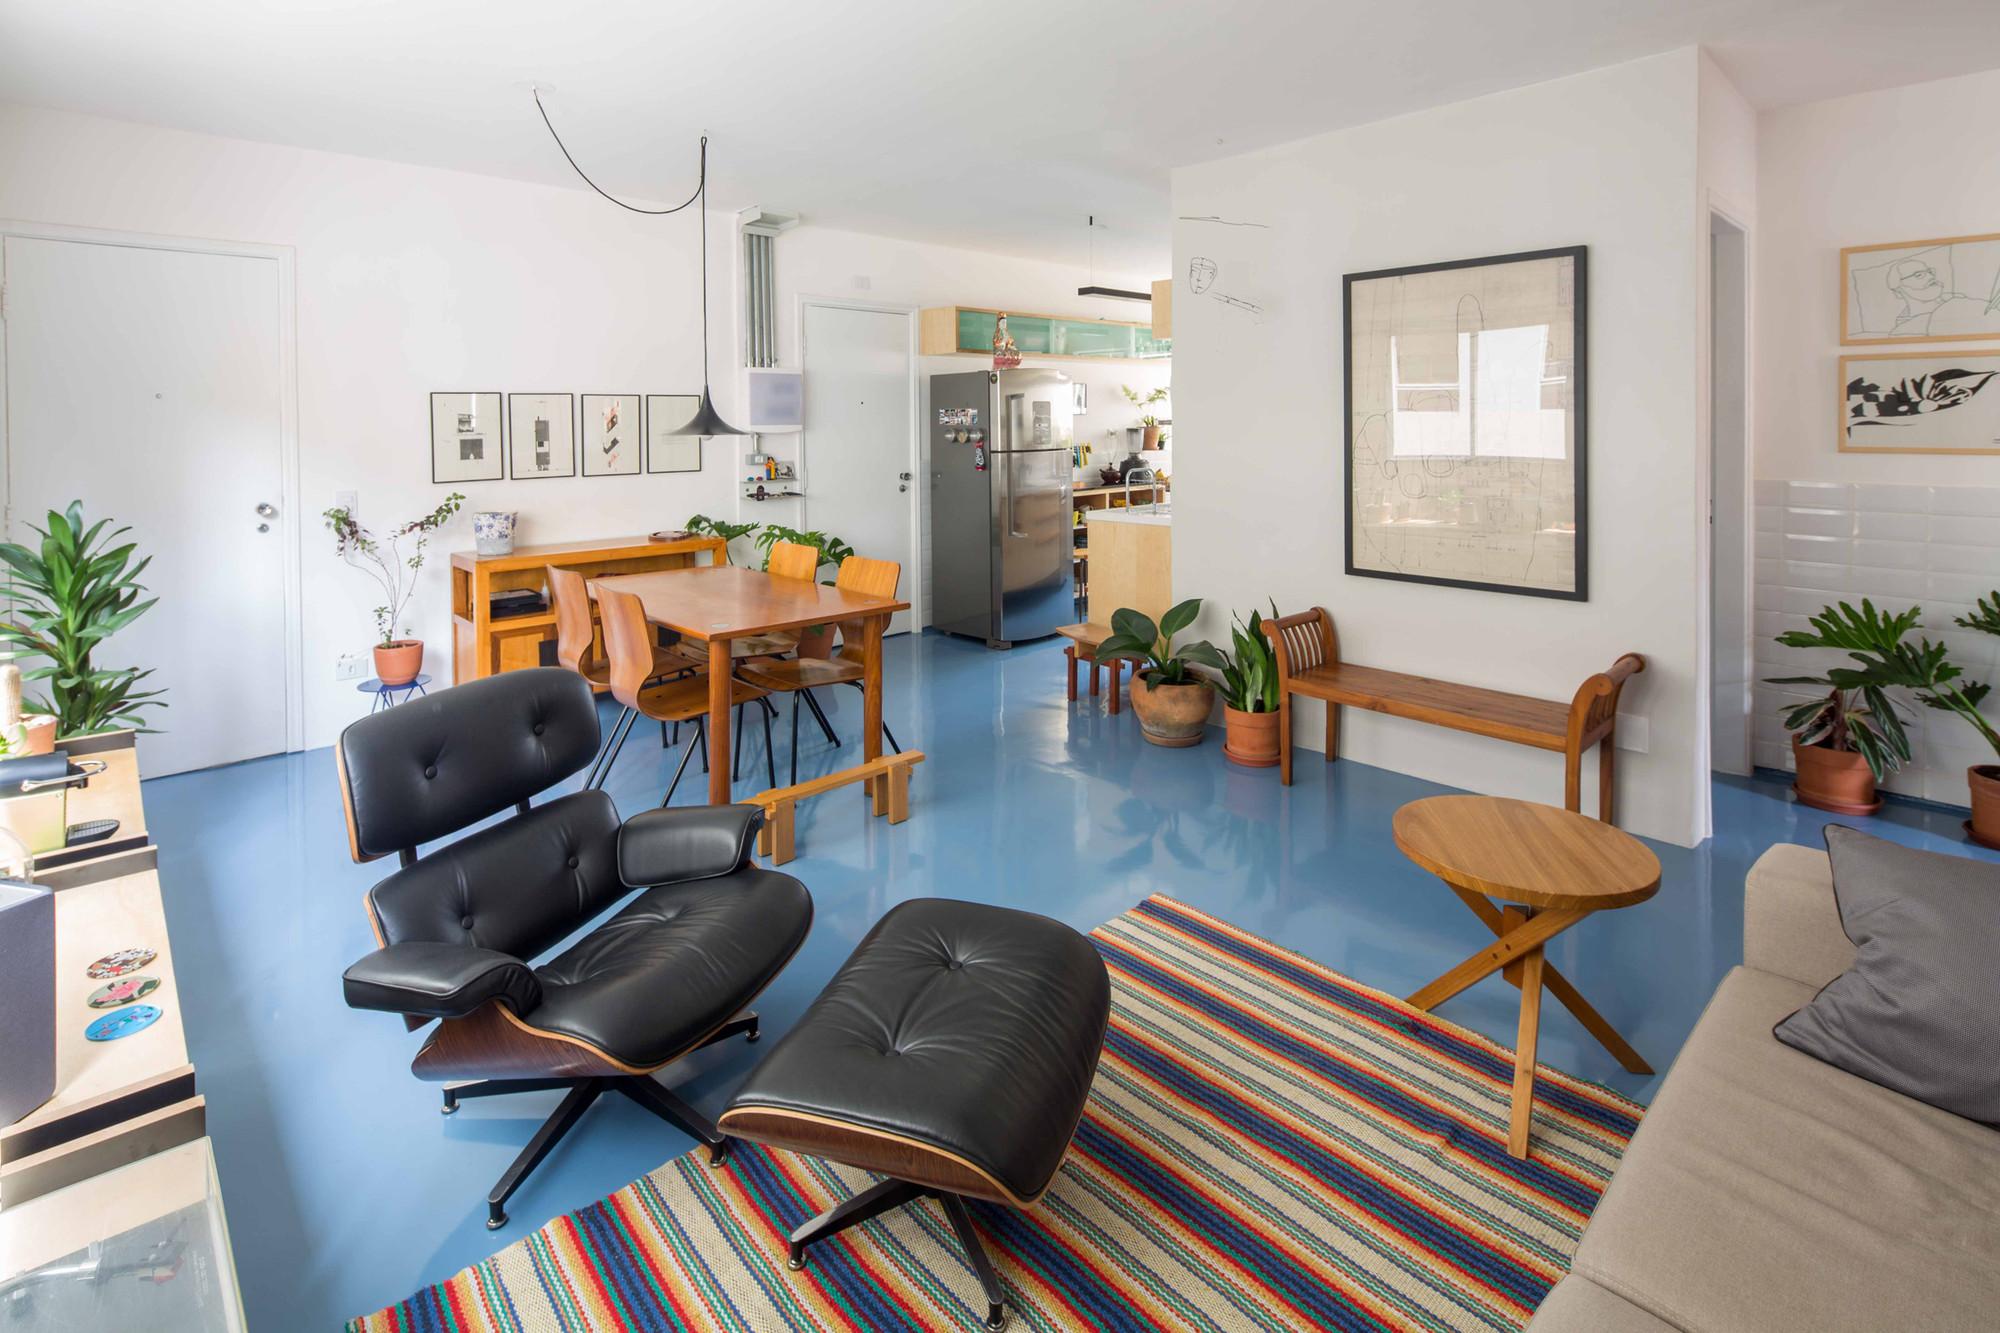 Apartamento Rebouças / vapor324, © Pedro Napolitano Prata